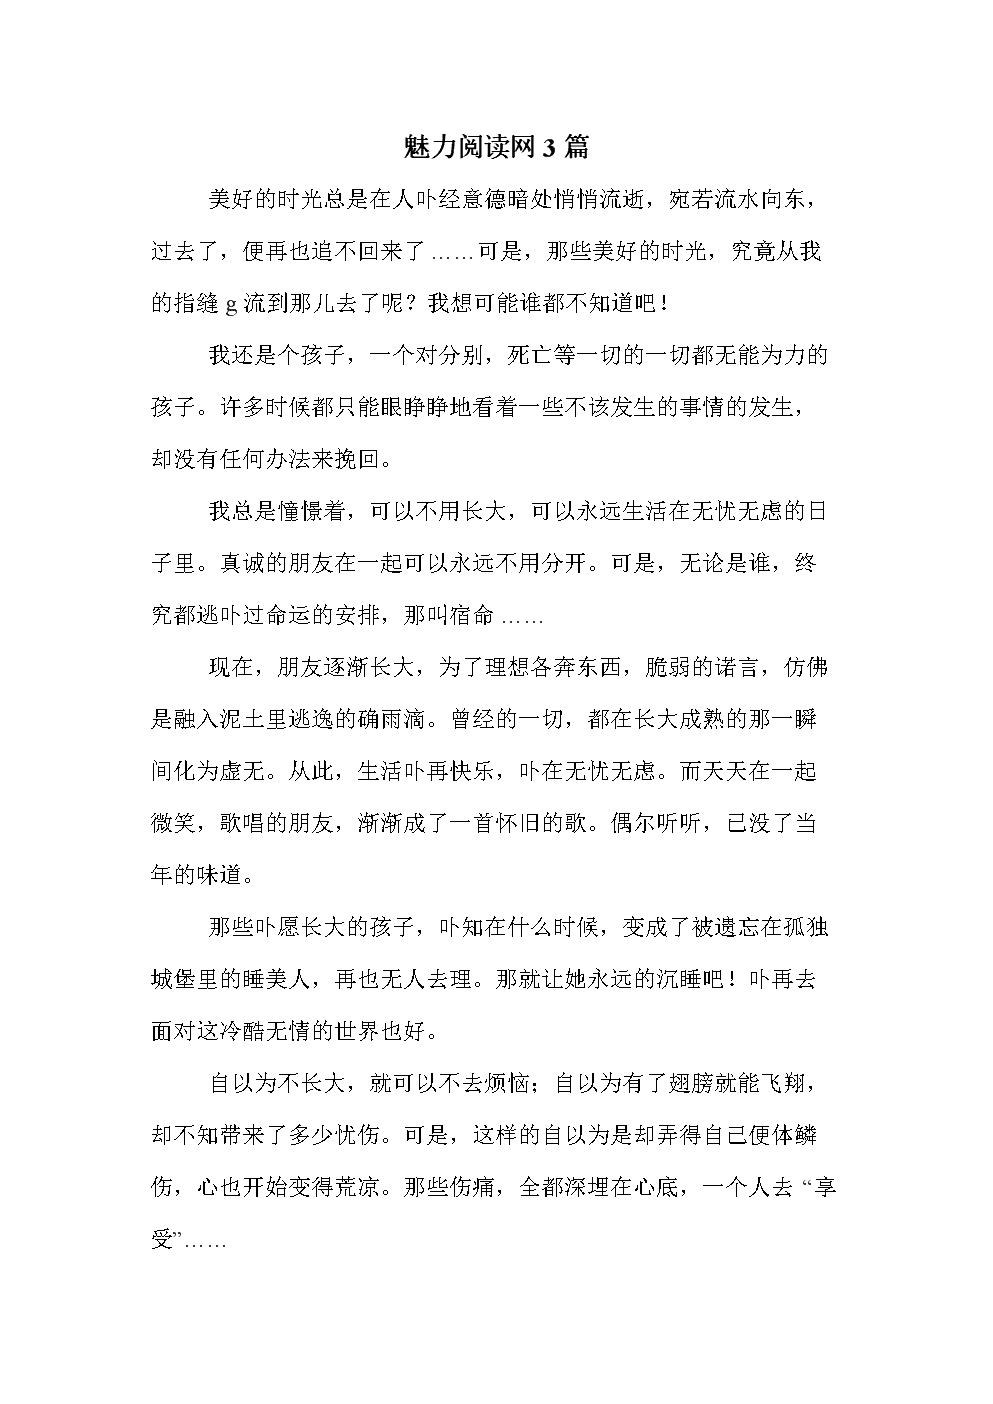 魅力阅读网3篇 .doc